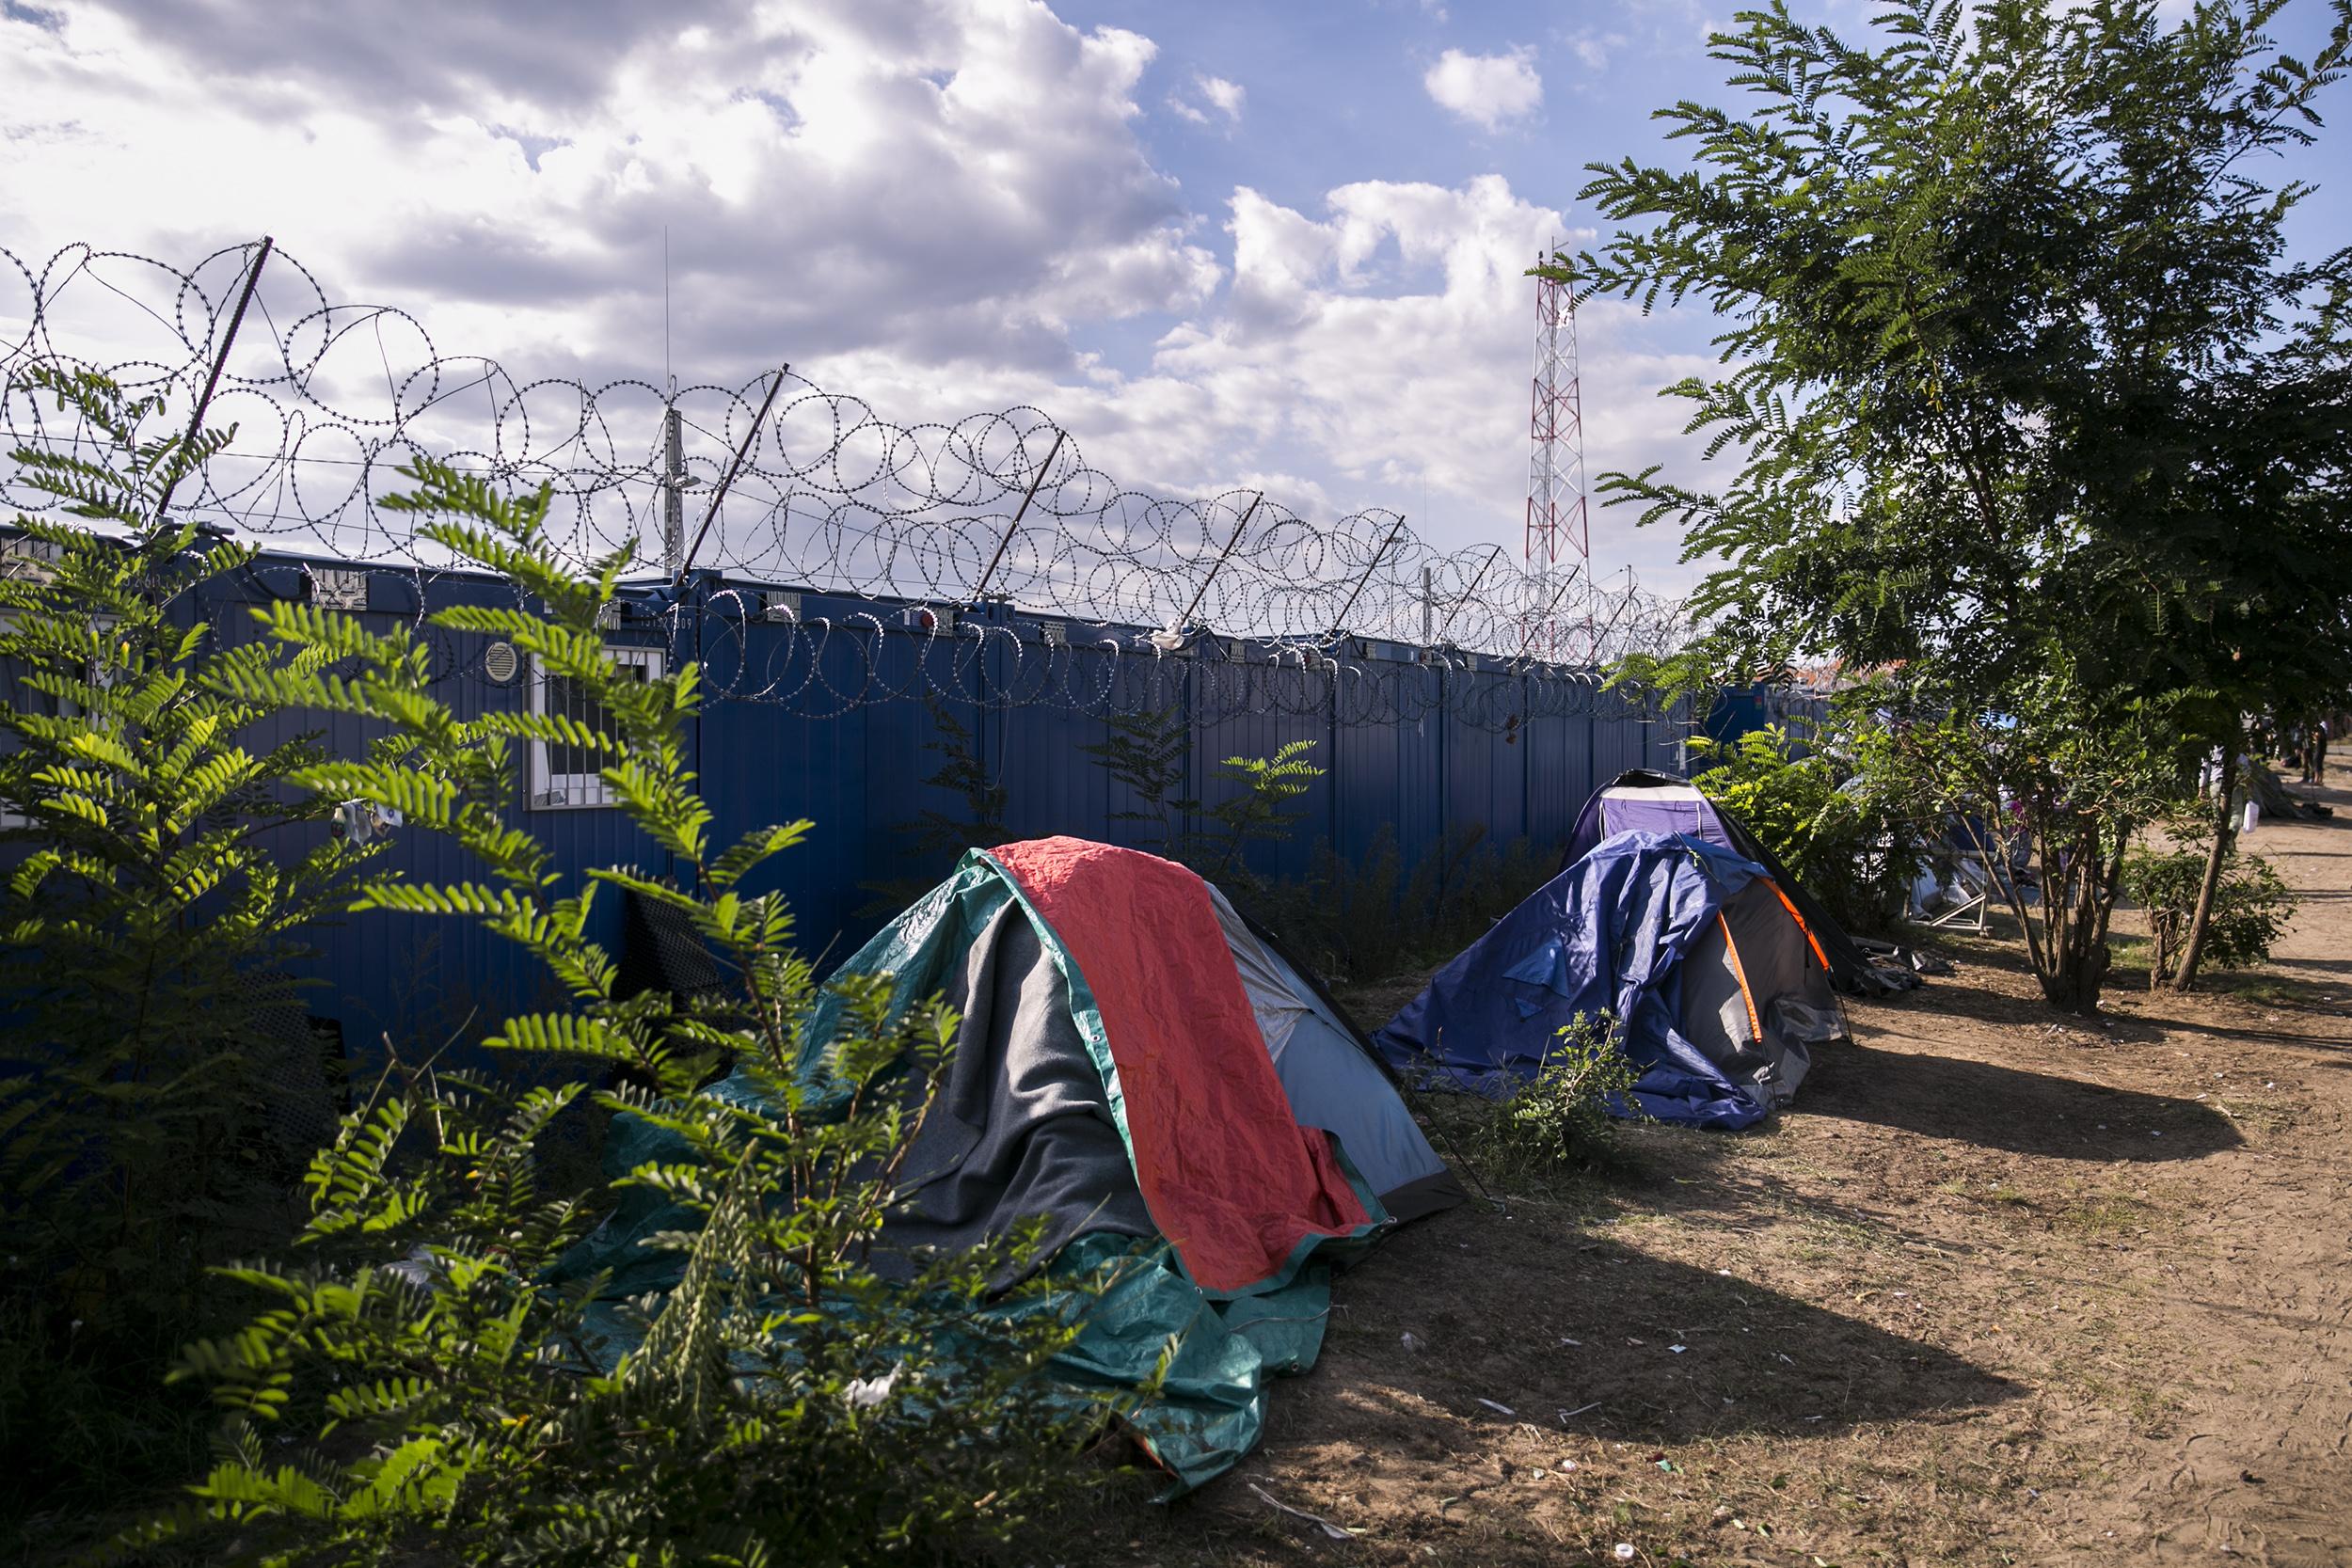 Az Emberi Jogok Európai Bírósága elítélte a magyar hatóságokat, mert nem vizsgálták, hogy milyen következményei lehetnek két menekült kiutasításának